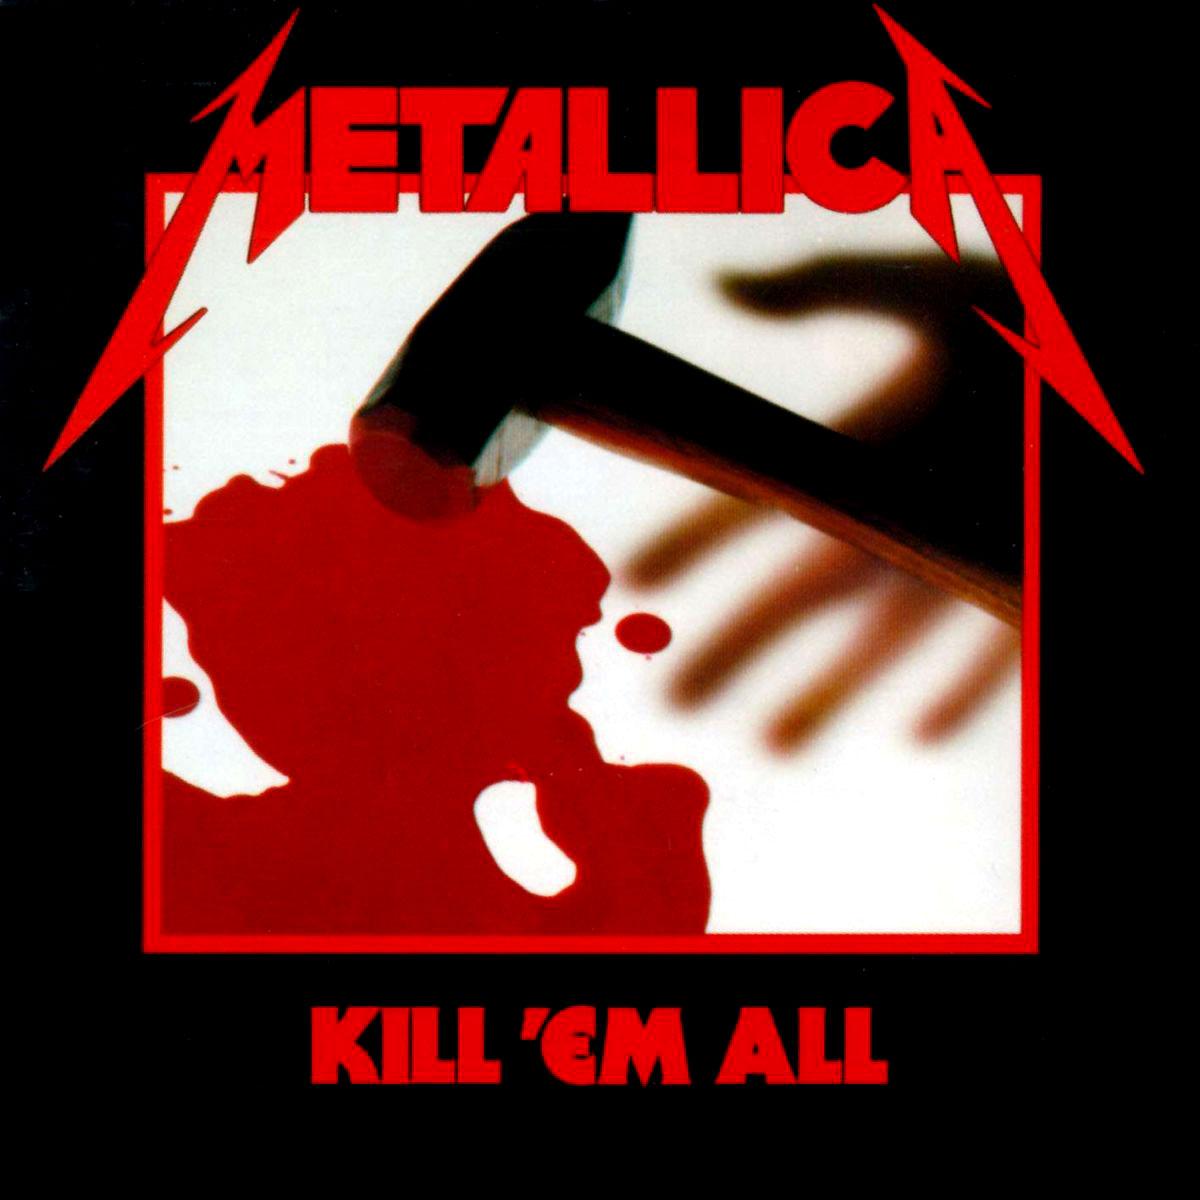 album - Metallica1.jpg